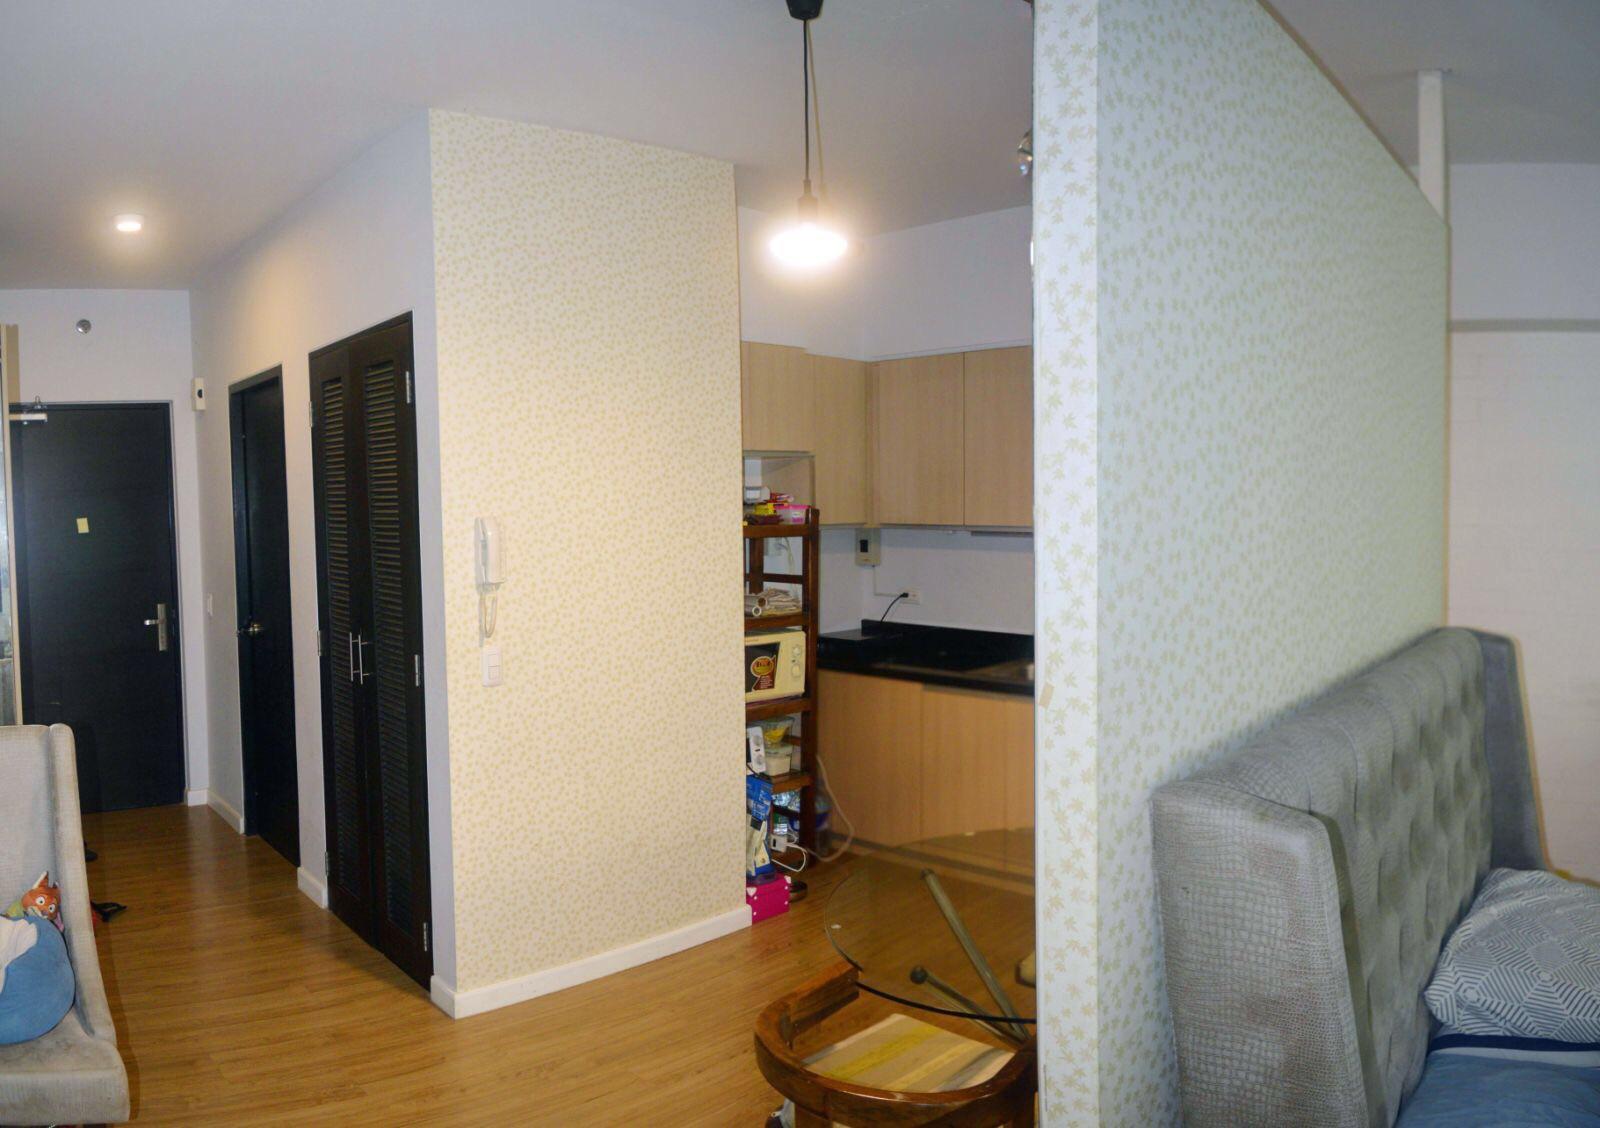 Studio Condo For Rent, Meranti at Two Serendra 4